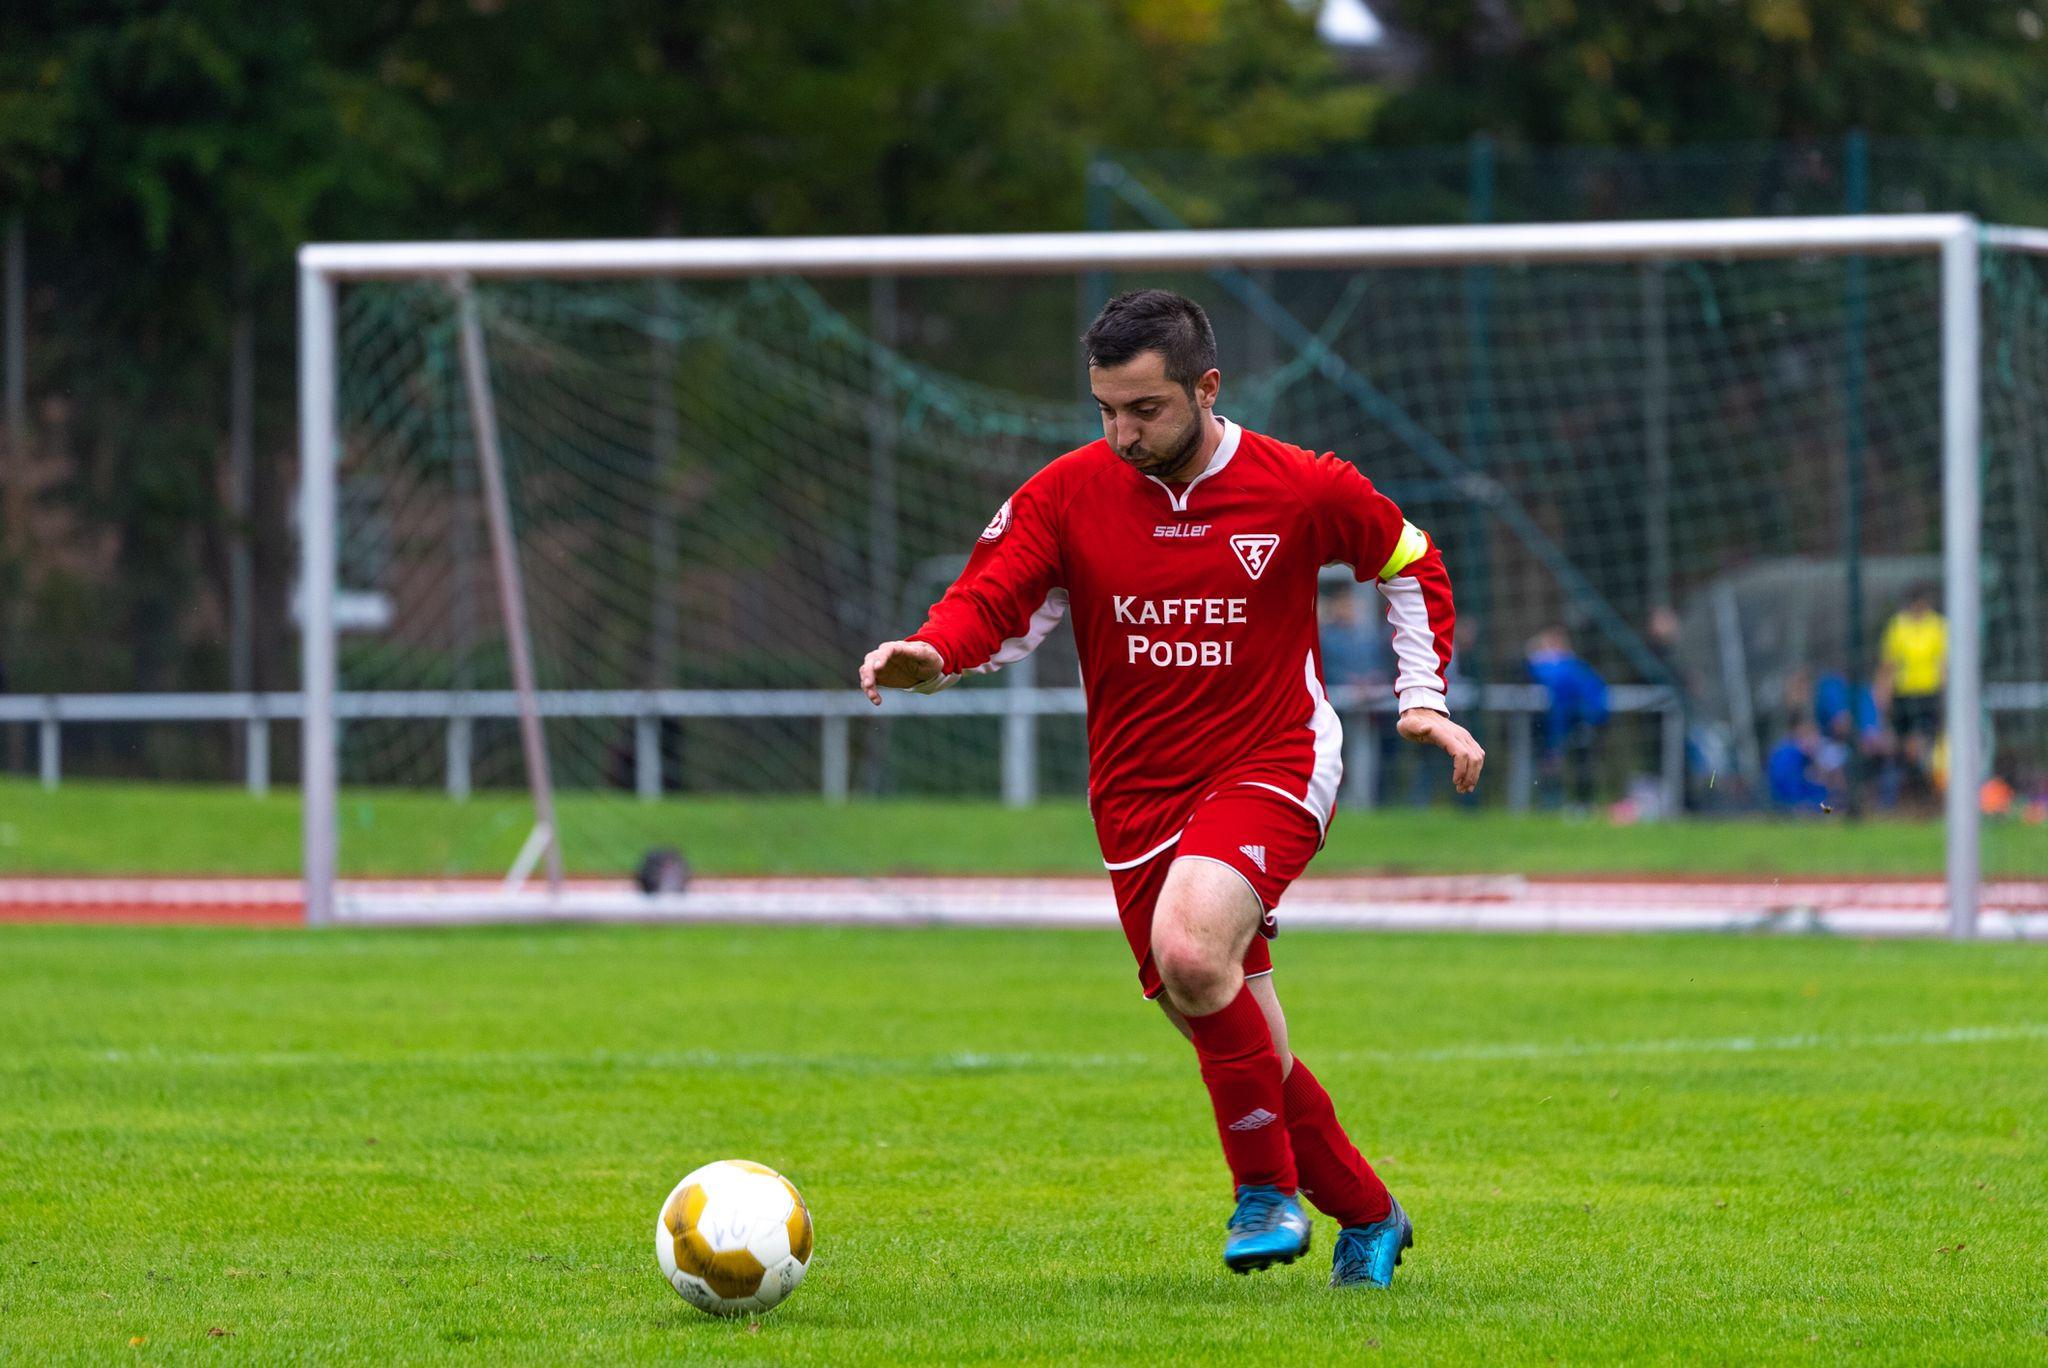 Read more about the article Spielbericht: Fortunas Zweite gewinnt 6-Punkte-Spiel in Garbsen